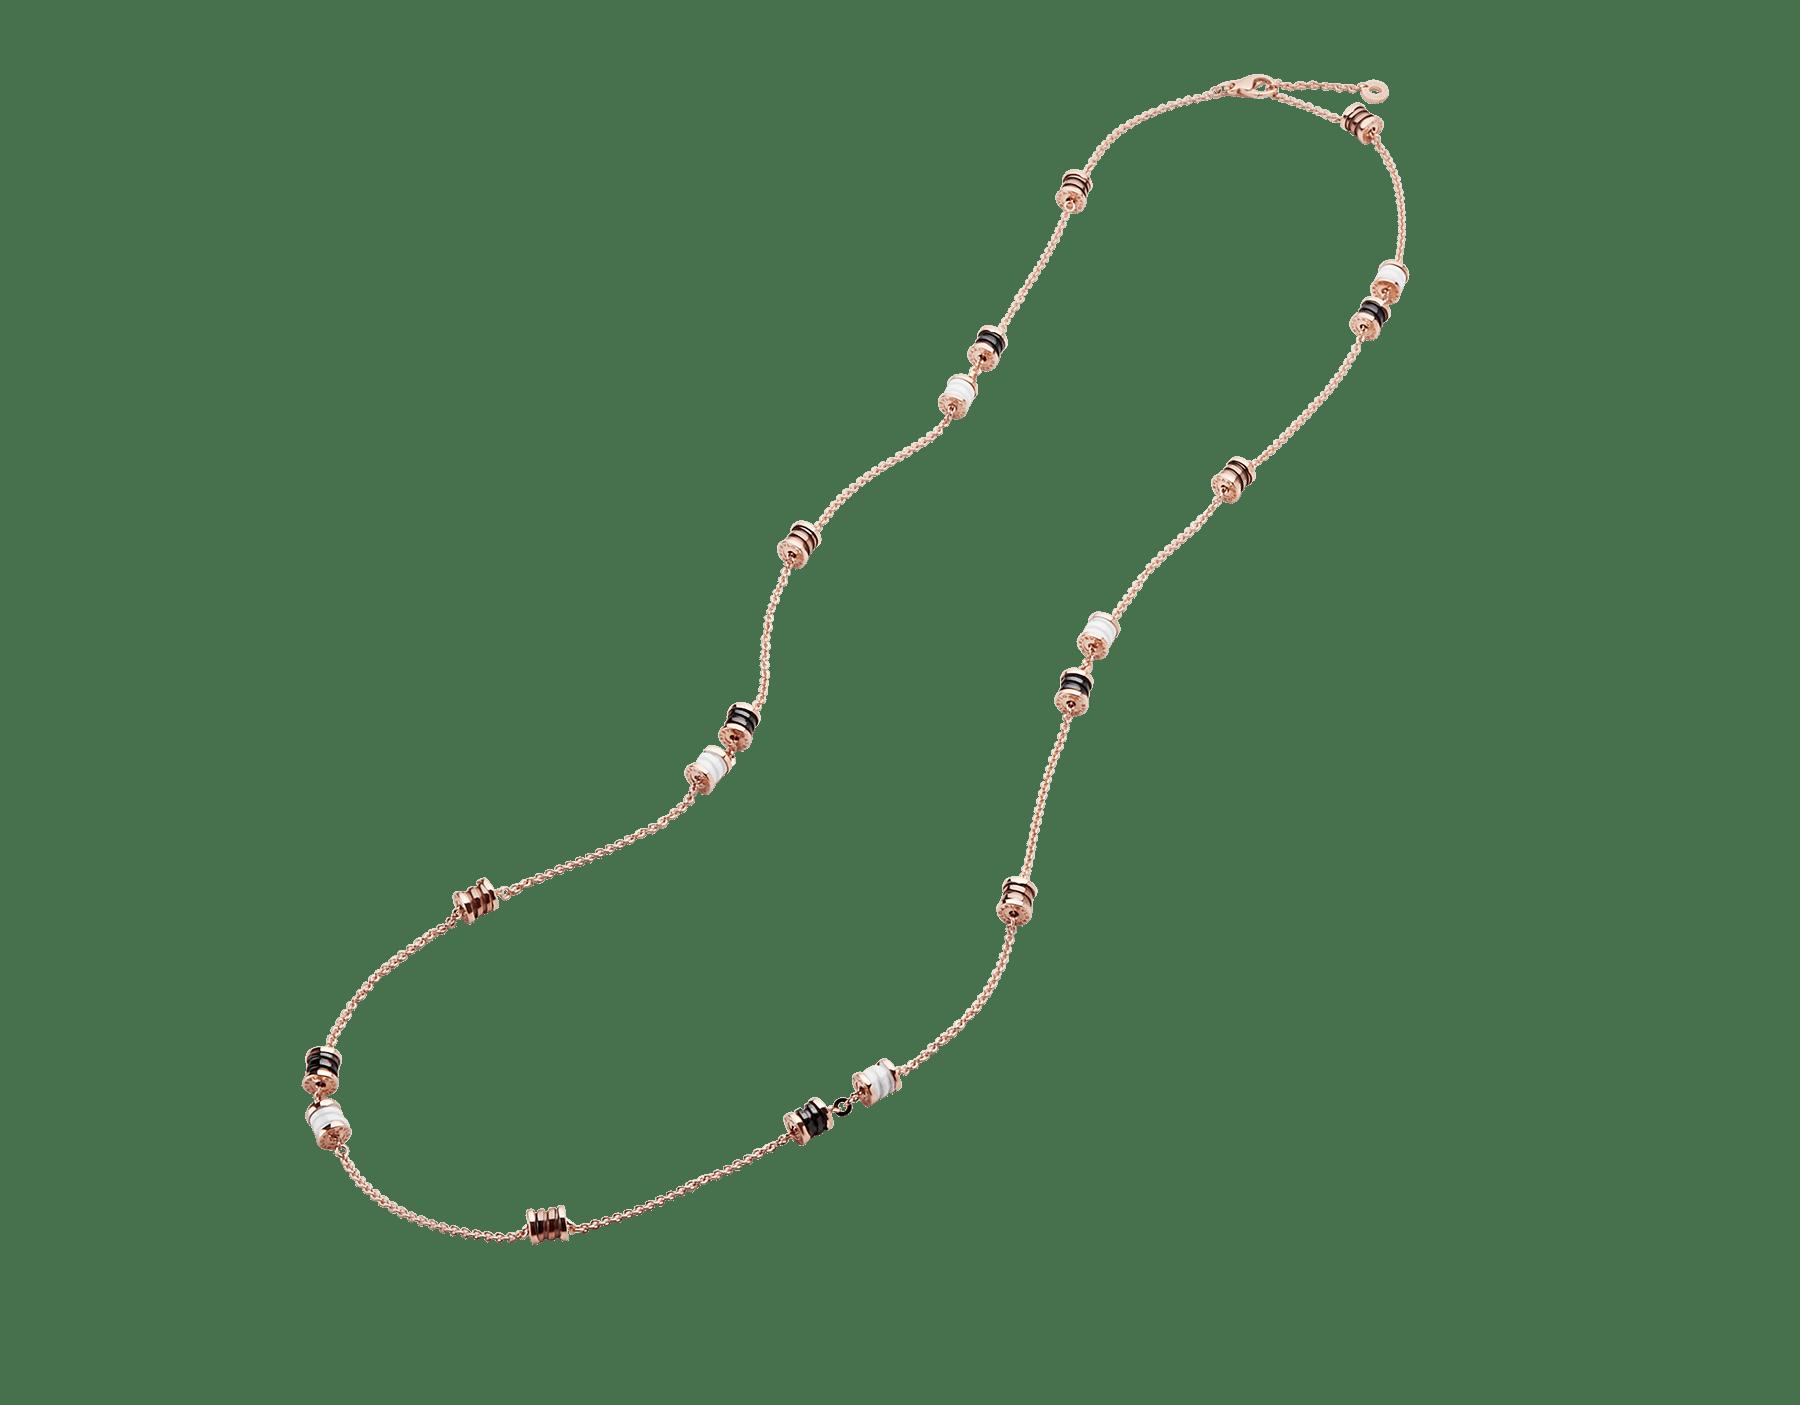 B.zero1 18 kt rose gold sautoir with spirals in 18 kt rose gold and cermet, 18 kt rose gold and white ceramic, 18 kt rose gold and black ceramic. 353002 image 2